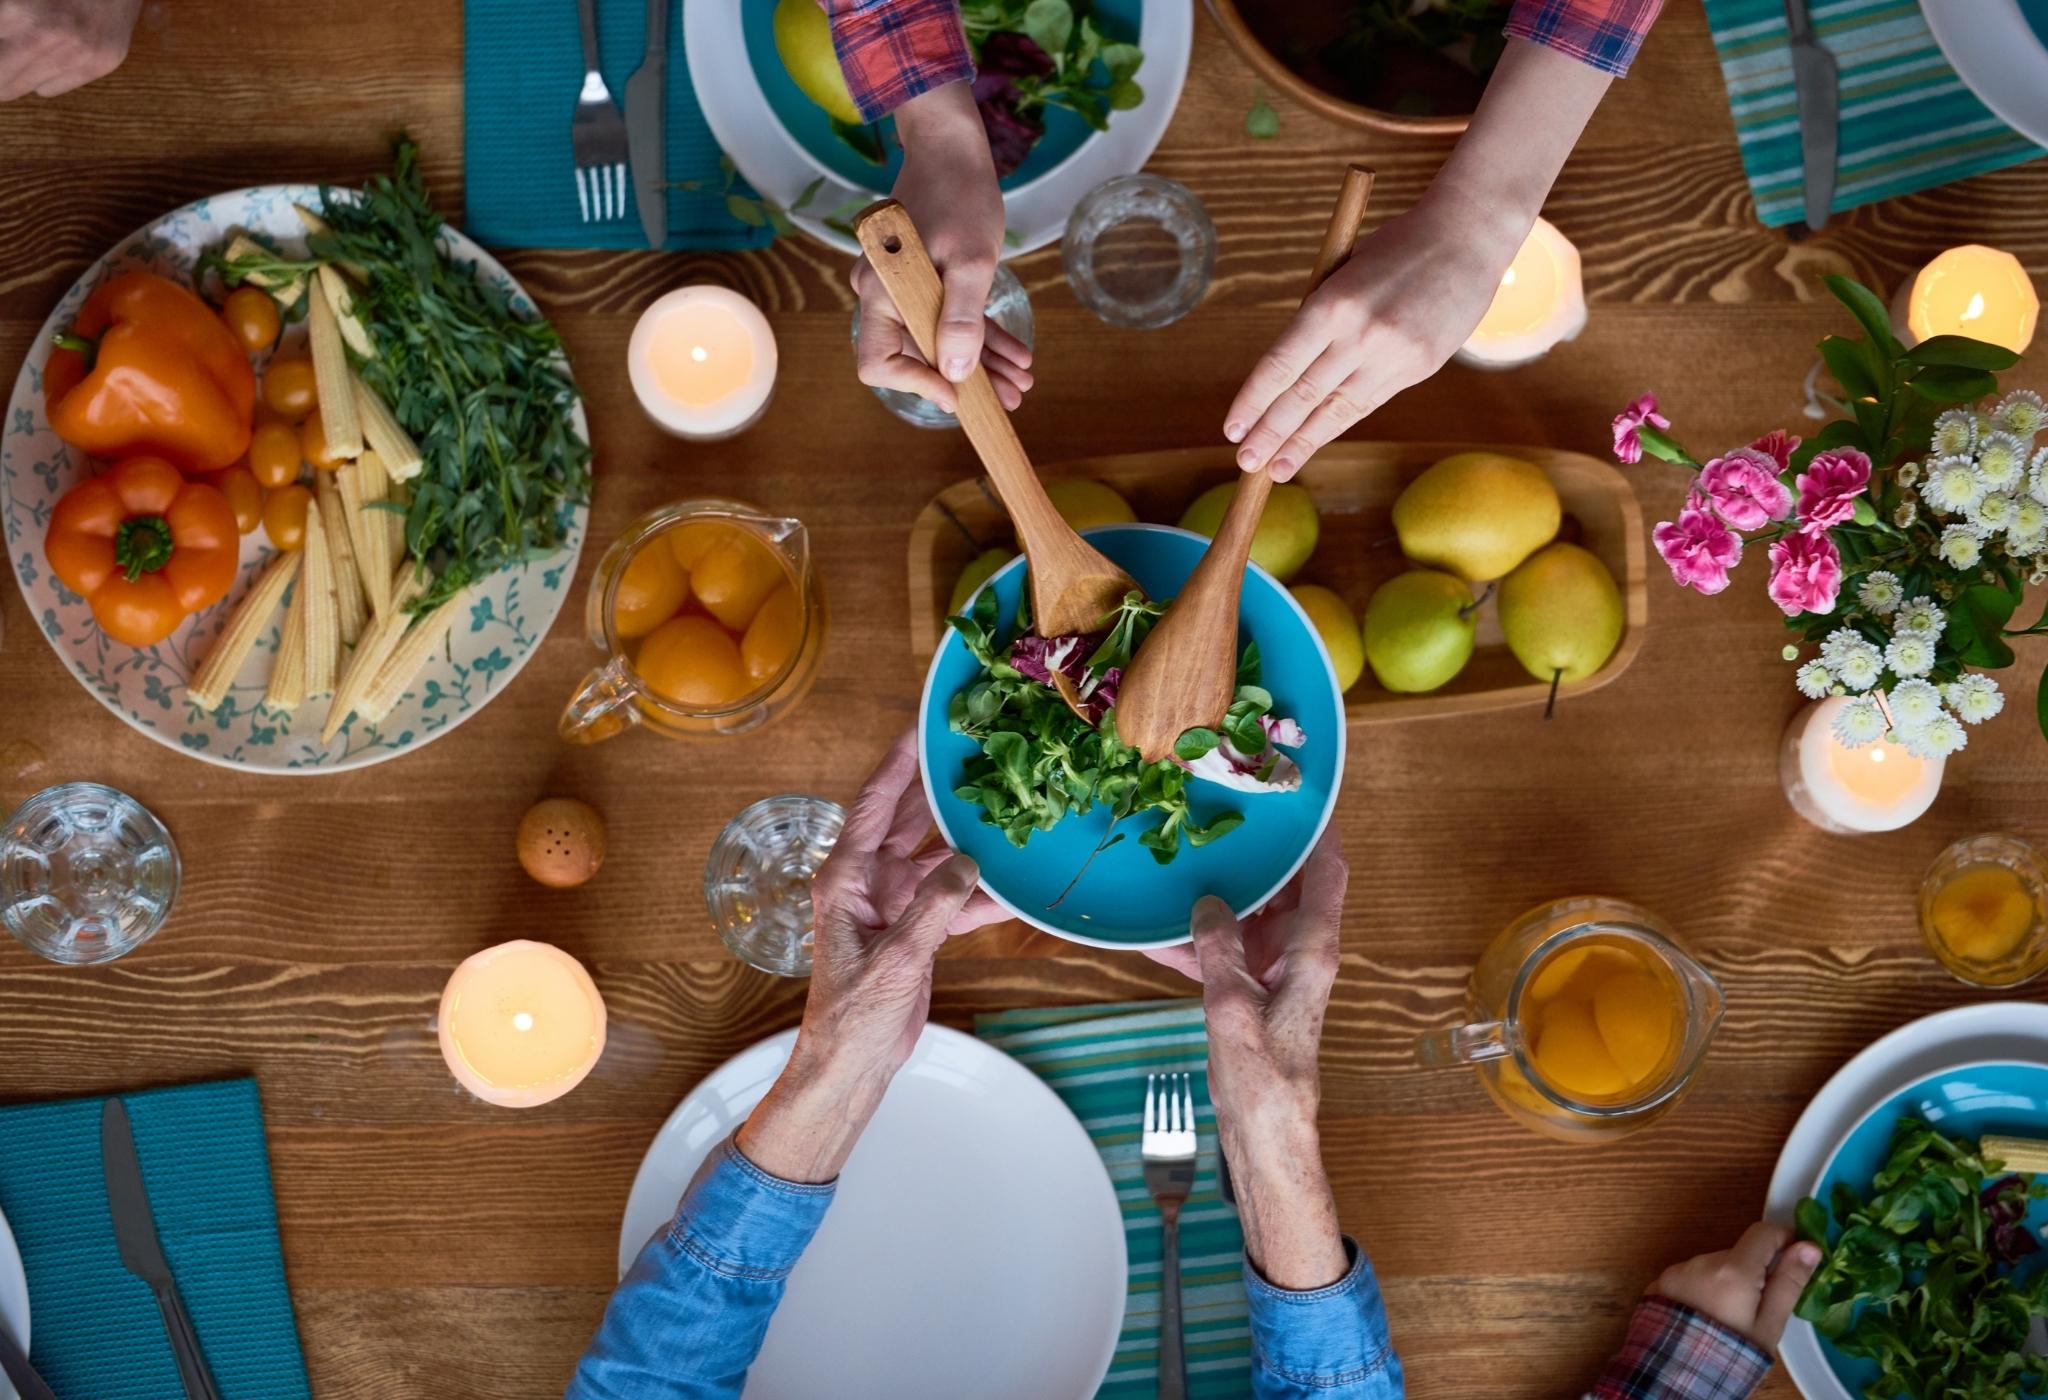 boas maneiras à mesa enquanto compartilha a refeição